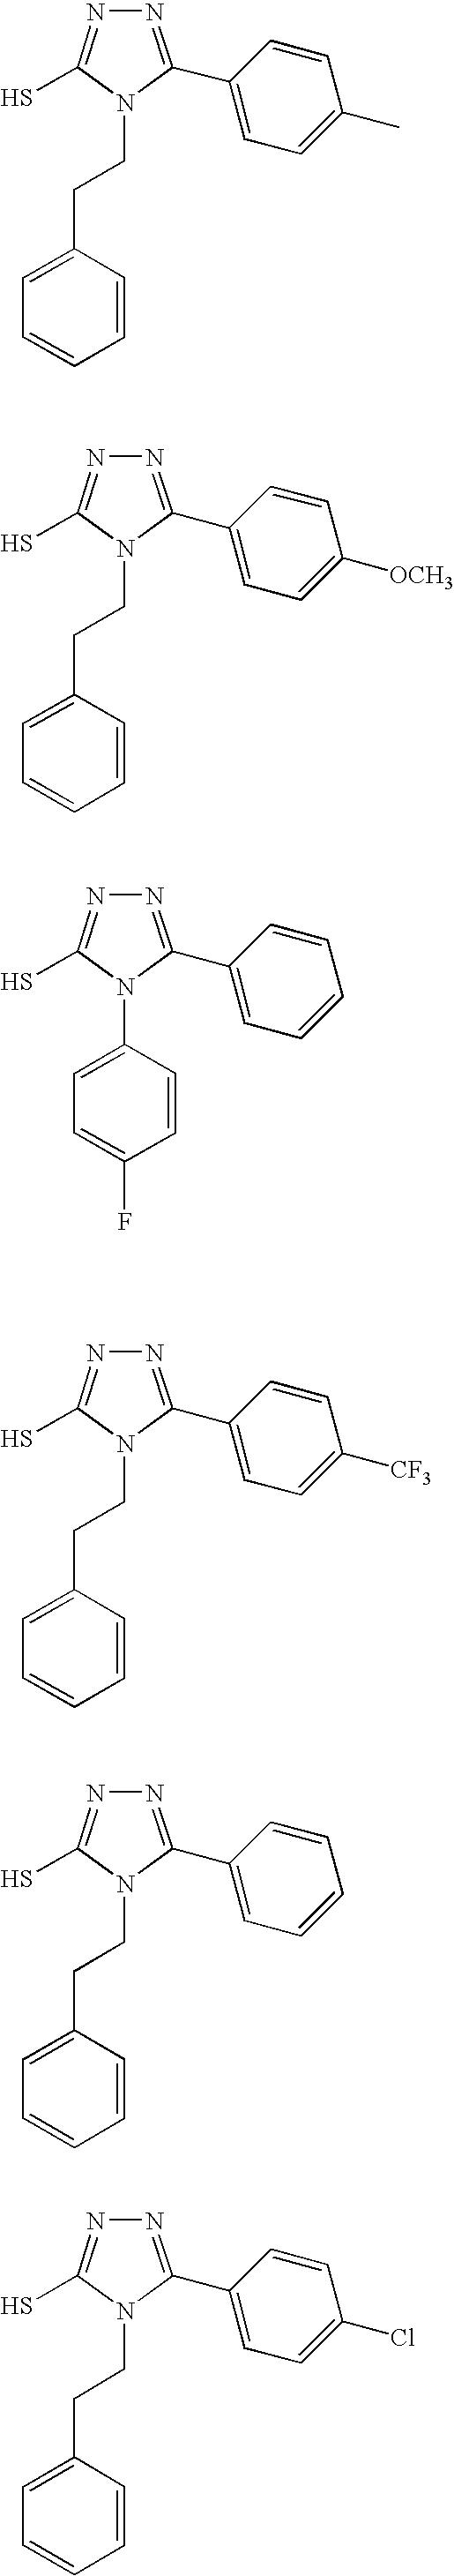 Figure US20070212641A1-20070913-C00174